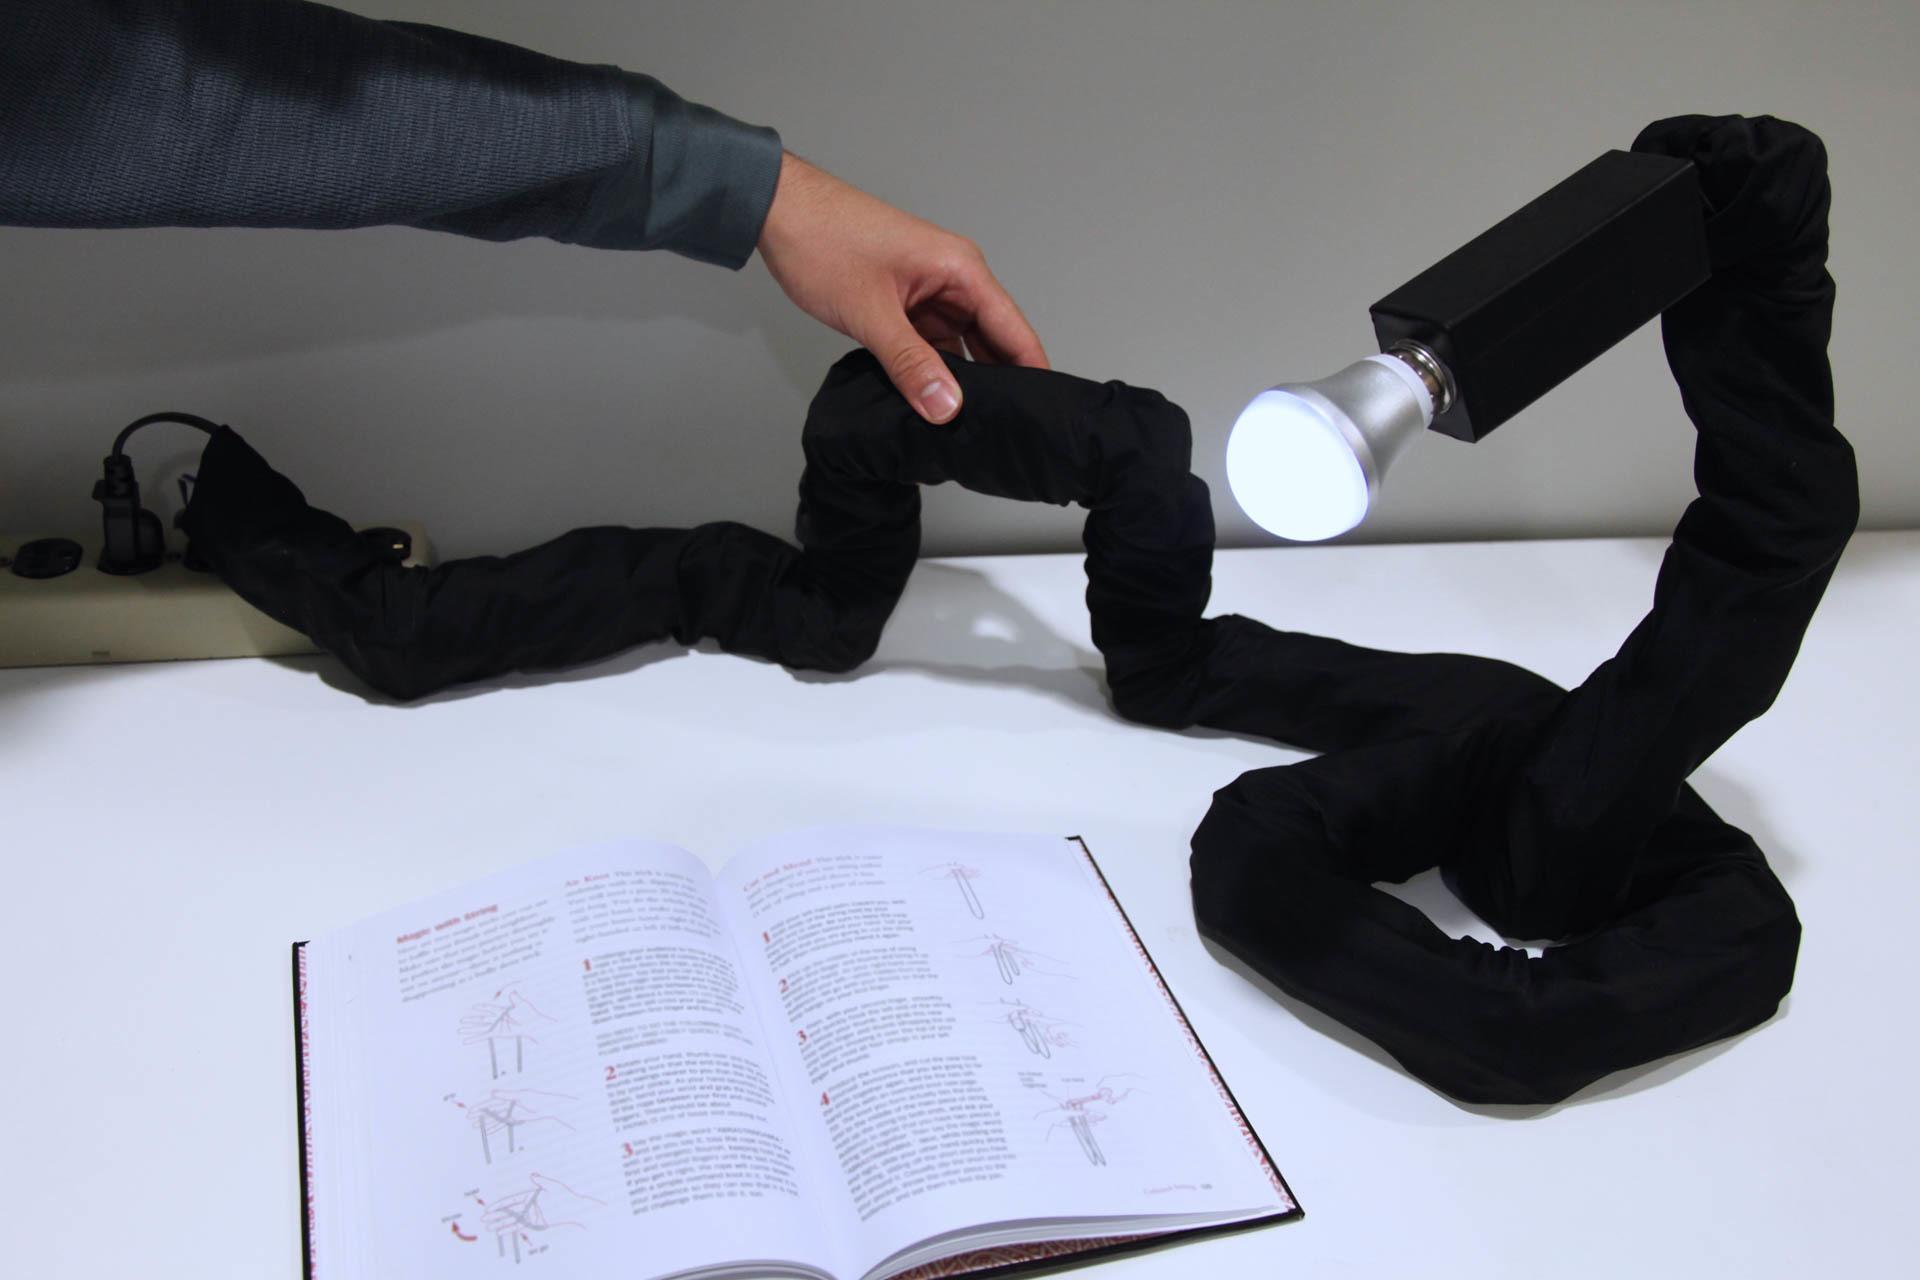 Робот-змея от МТИ как эксперимент физического интерфейса будущего - 6